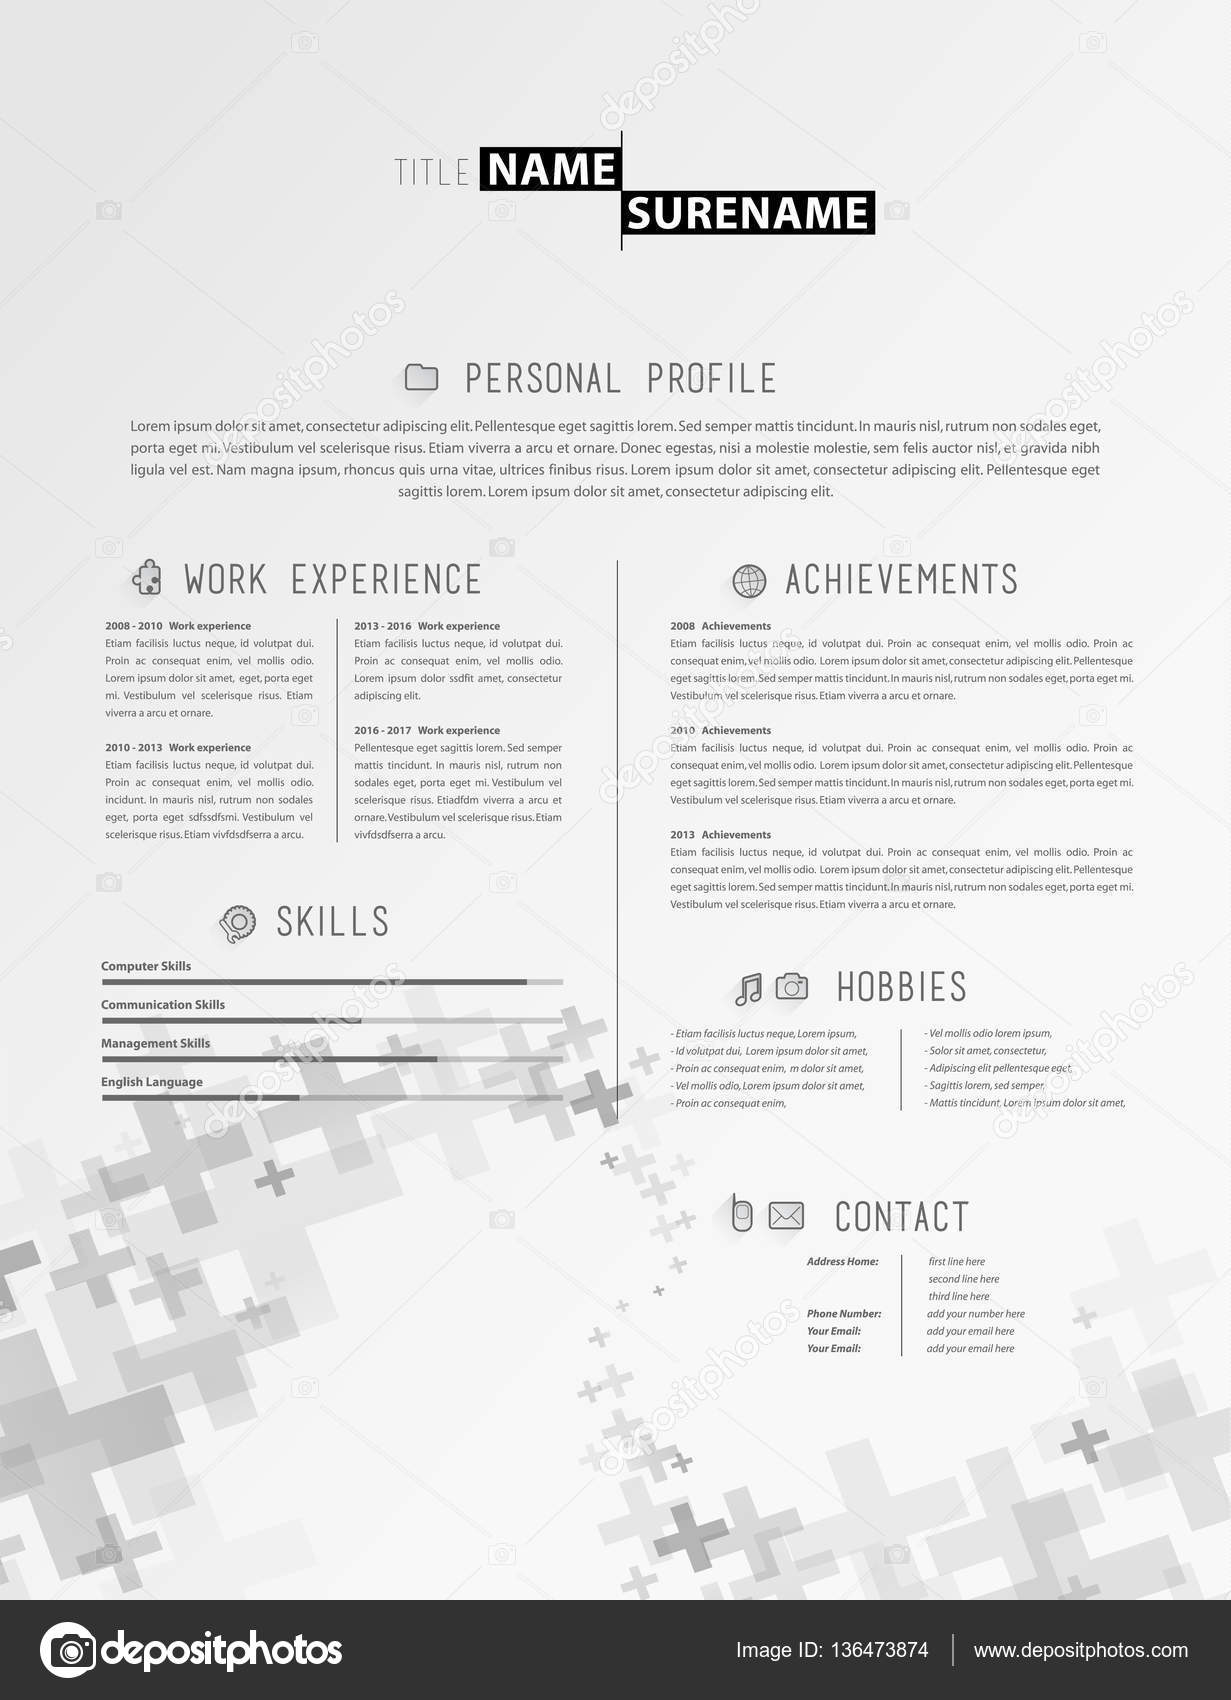 Kreative Einfache Lebenslauf Vorlage Mit Grau Plus Zeichen In